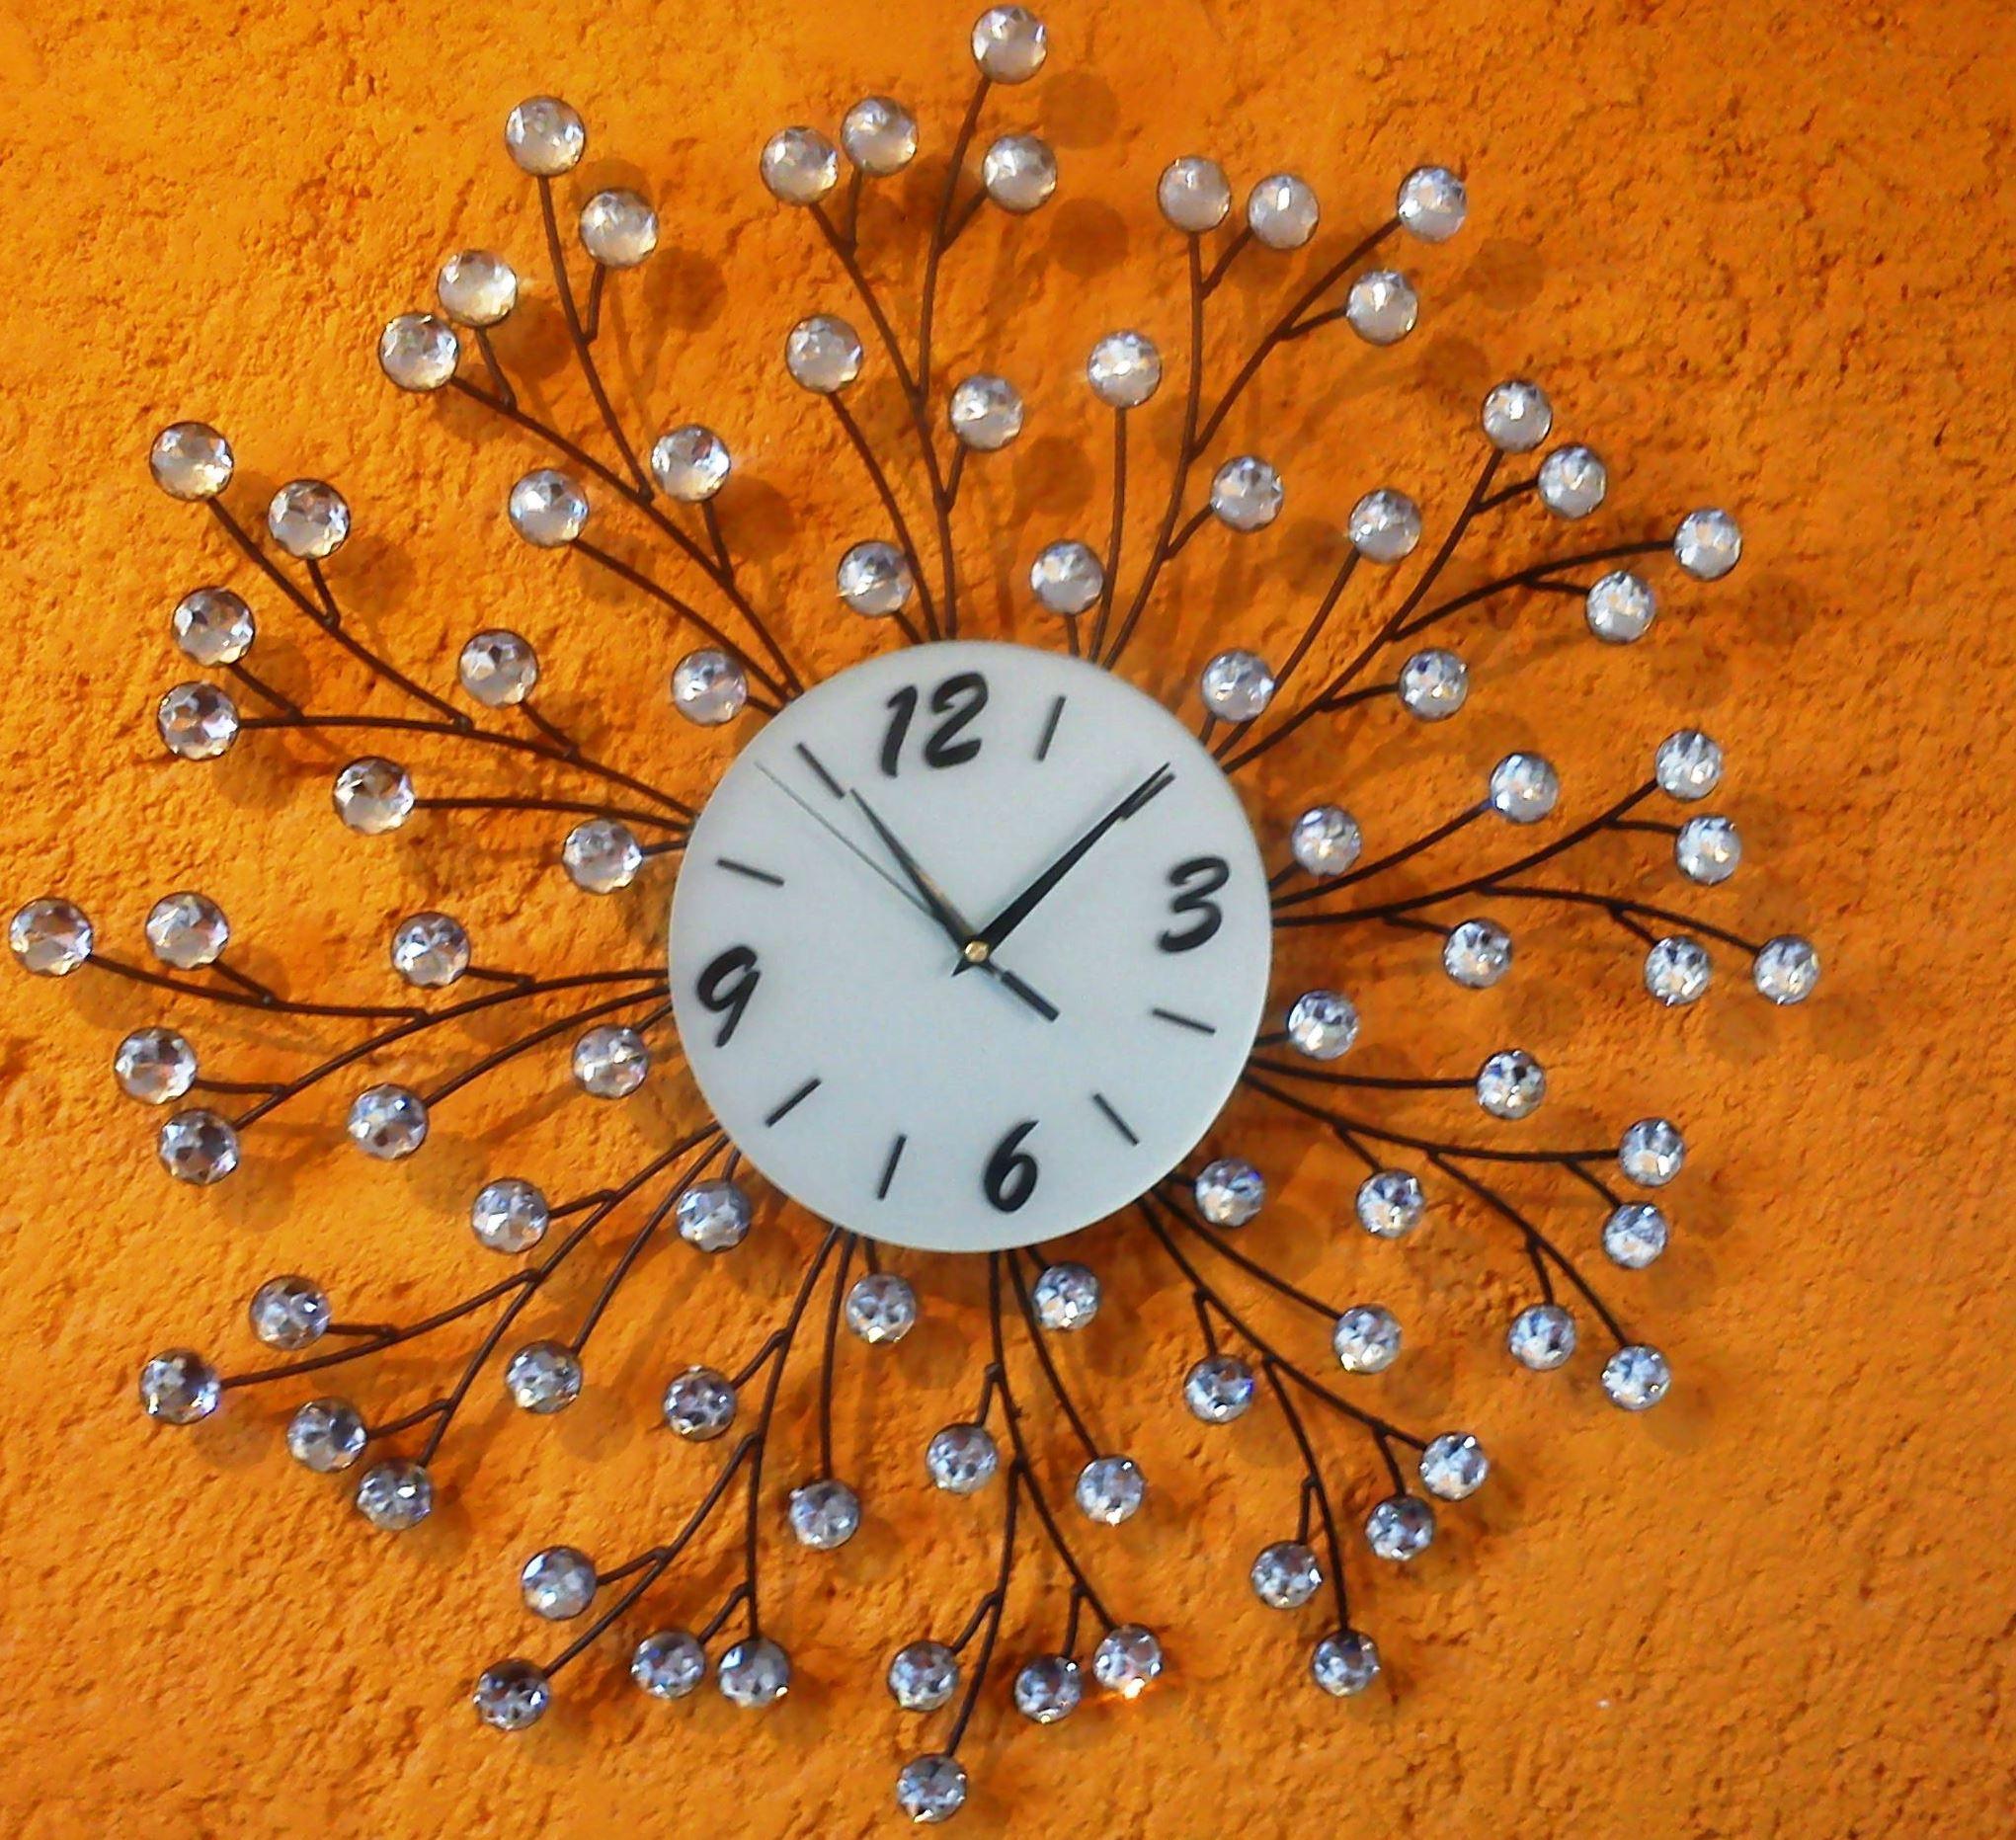 Reloj de pared original hecho a base de herrería y cristal ideal ...